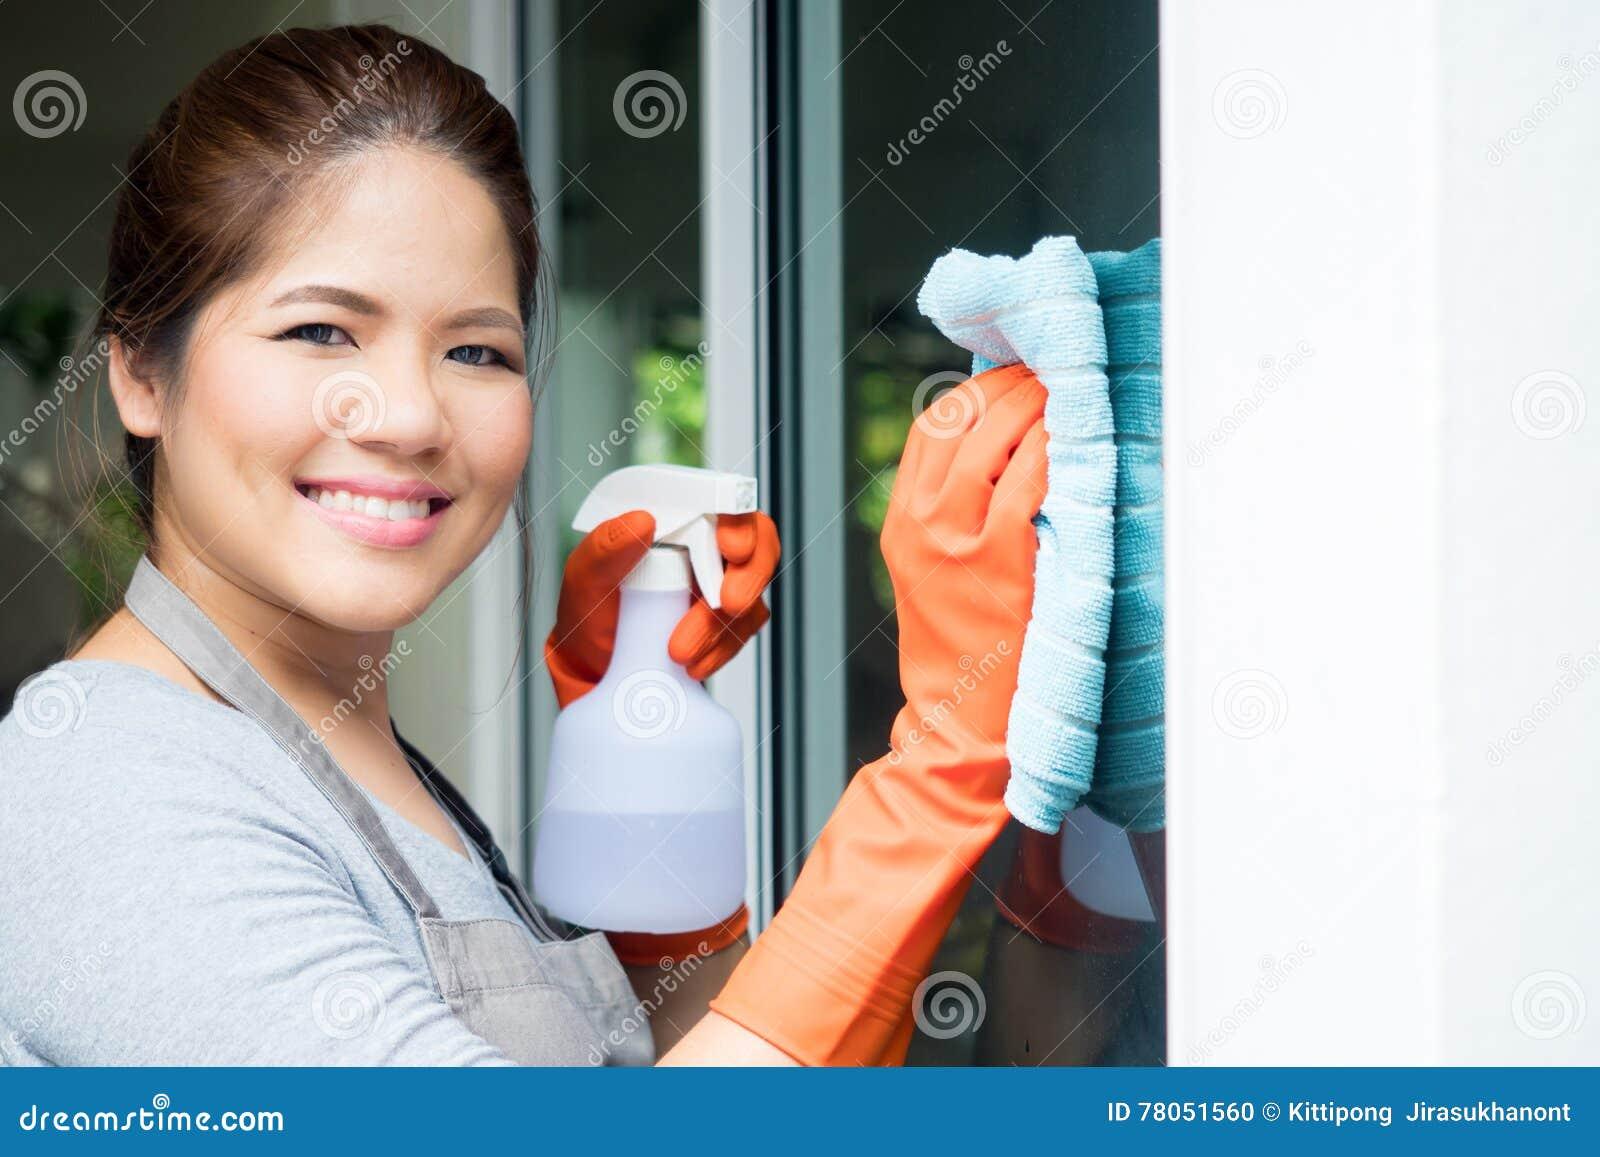 Het Aziatische huisvrouw schoonmaken op vensterglas